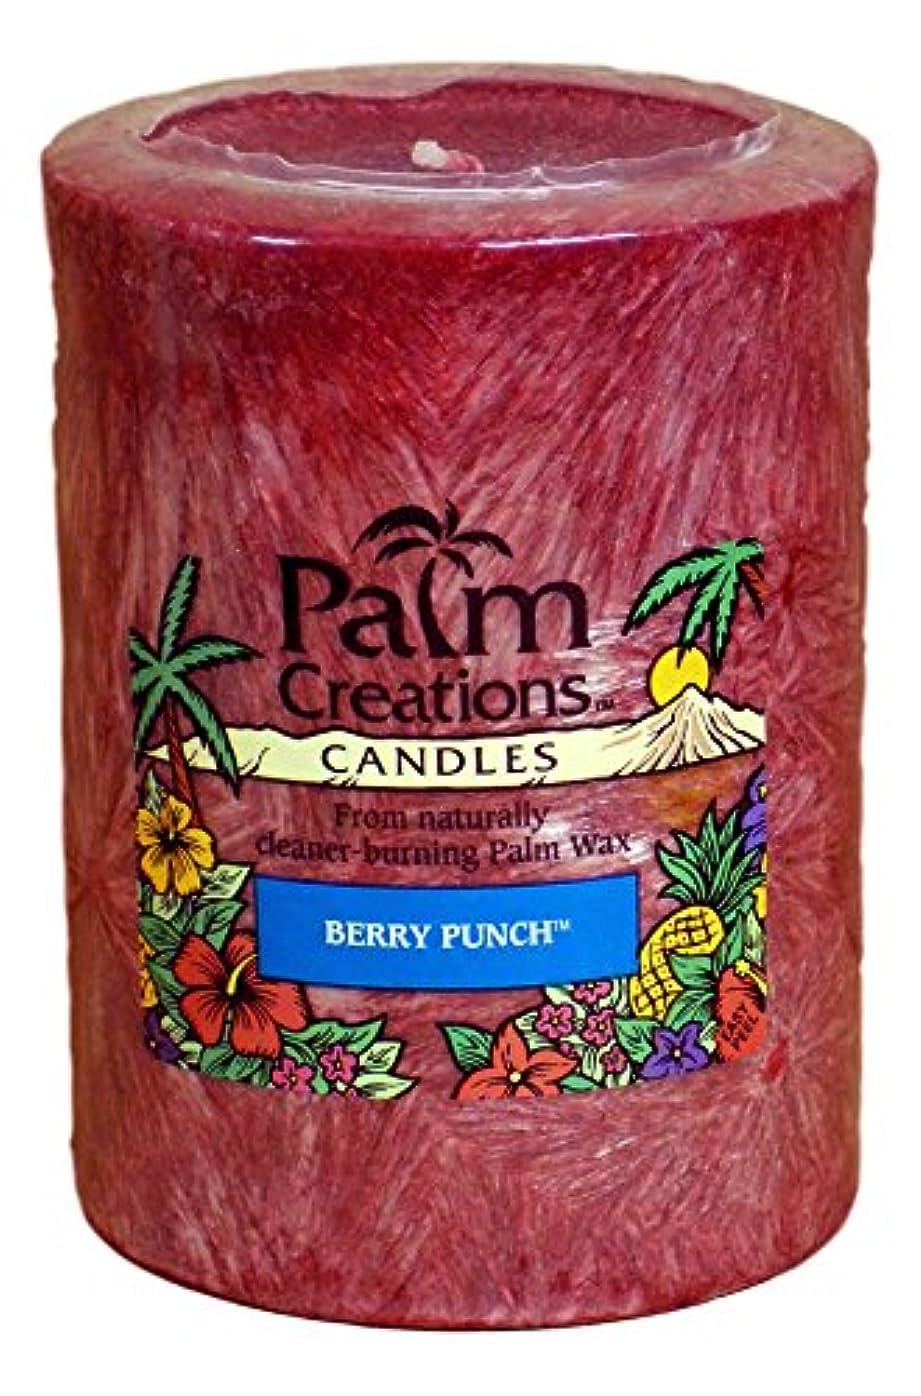 バイアスコンベンション素晴らしきNature 's Finest Palm Creationsピラーキャンドル4